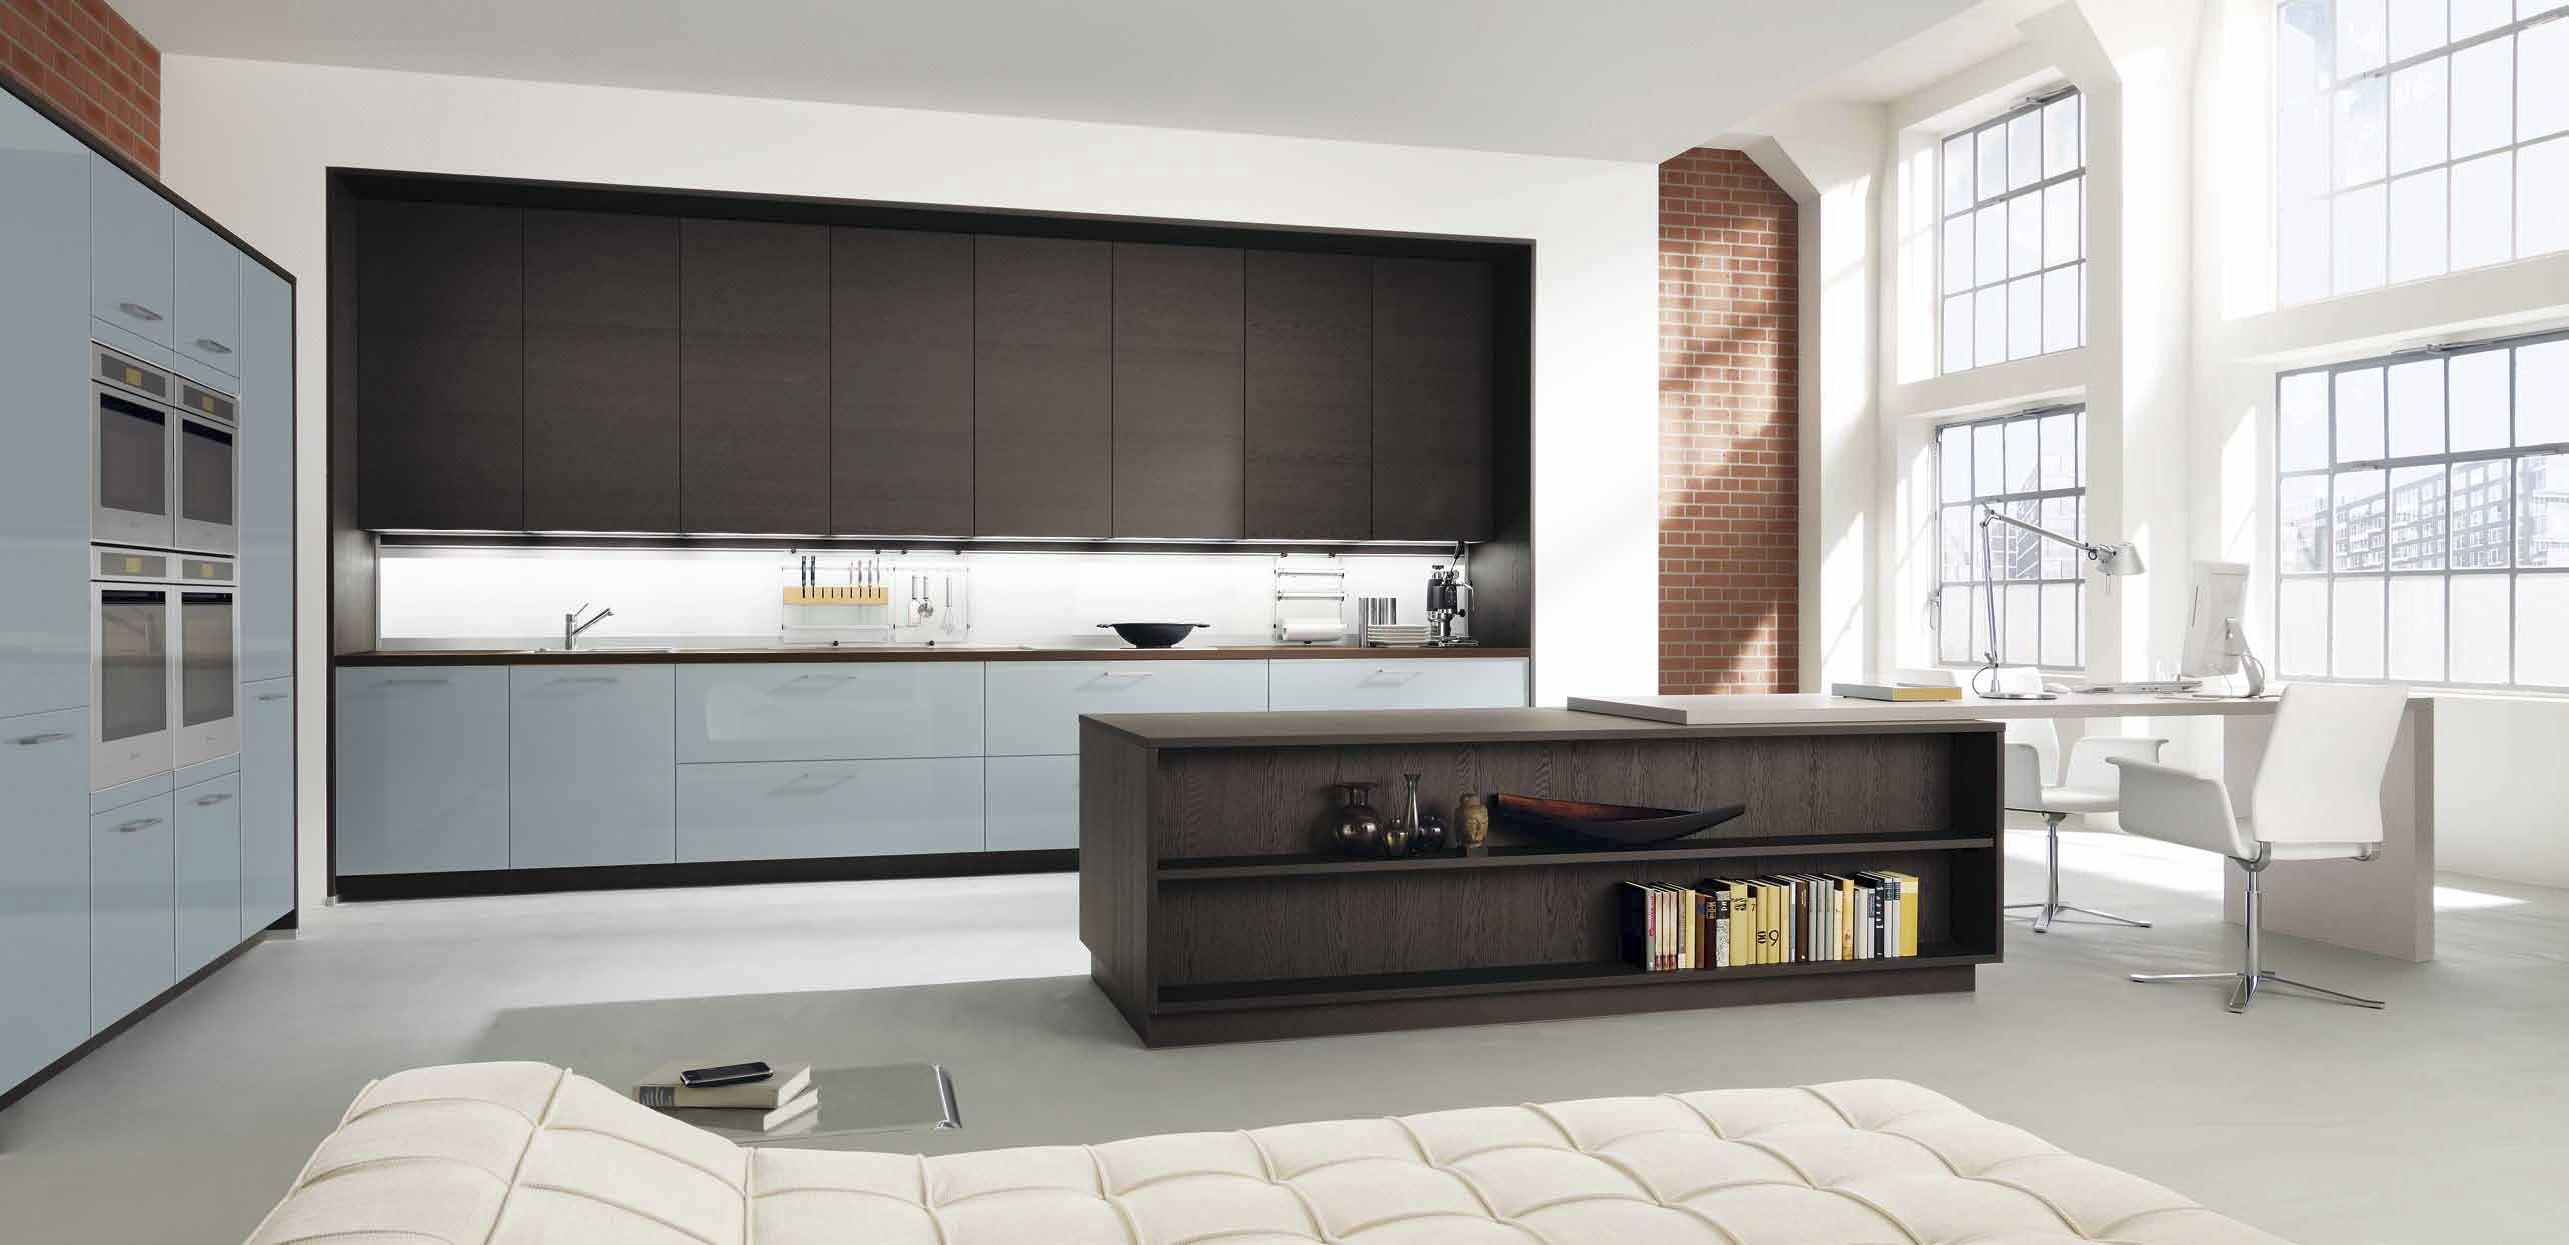 Groß Kücheninsel Möbel Pläne Galerie - Ideen Für Die Küche ...